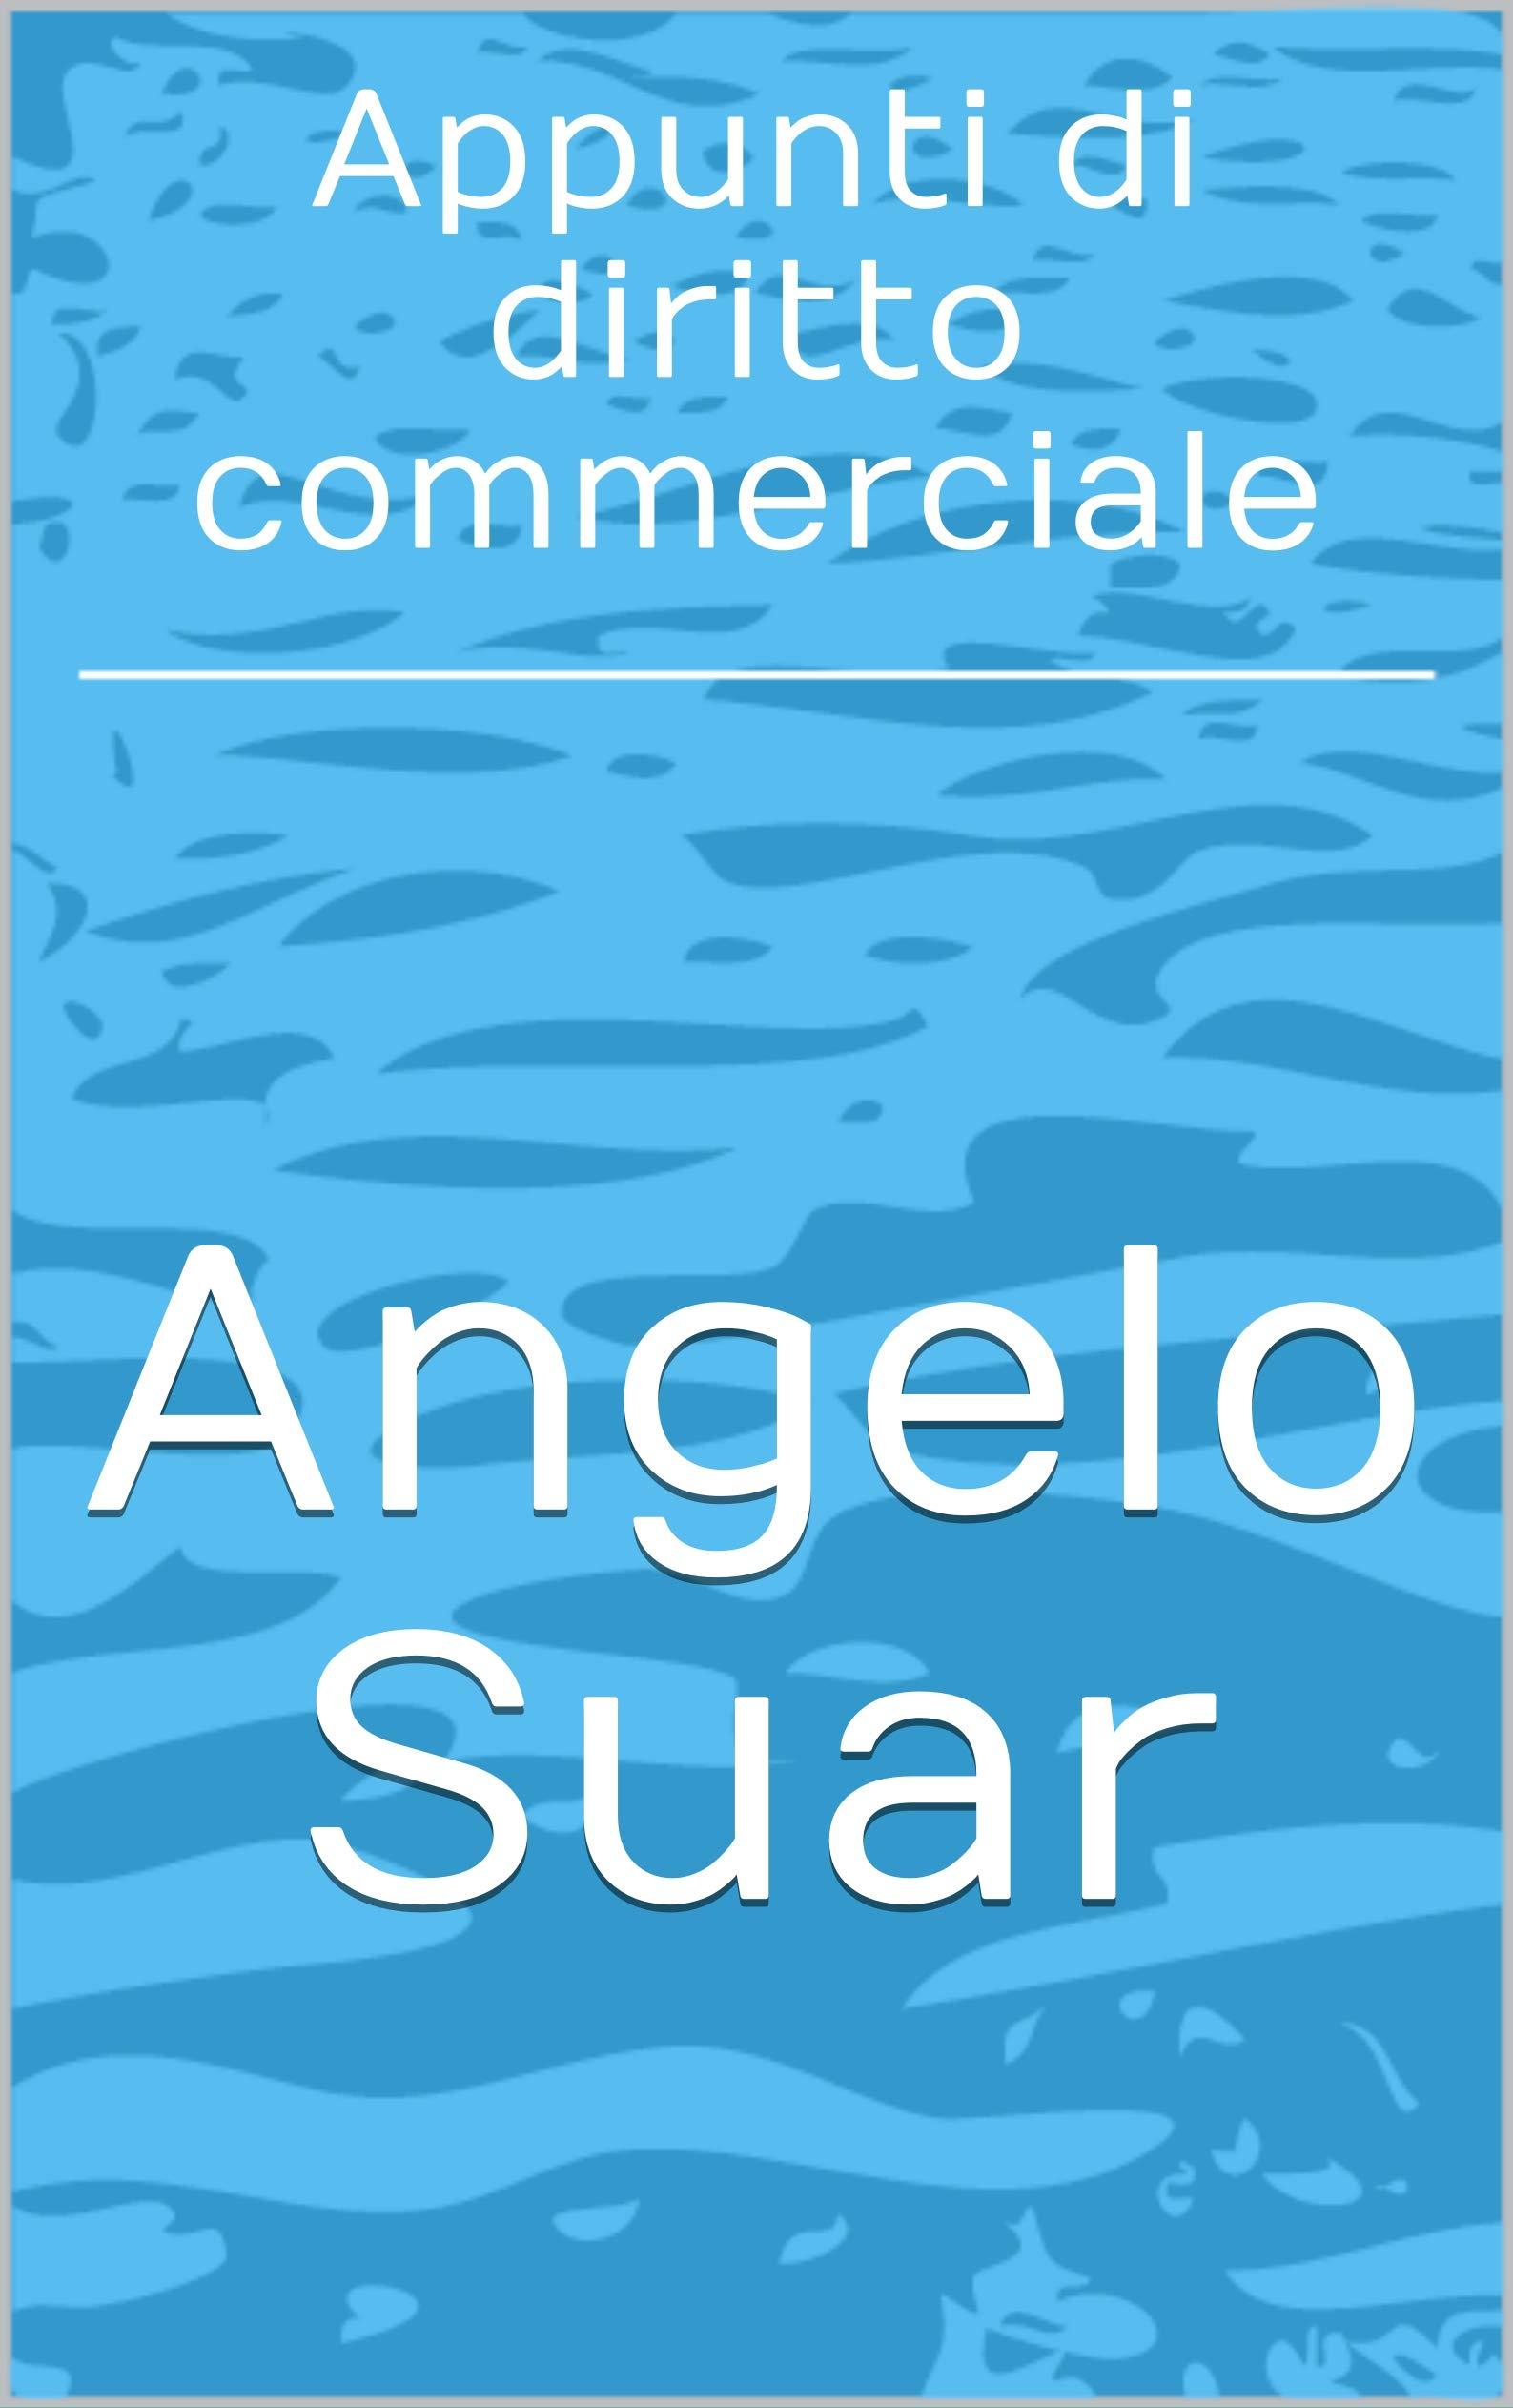 Appunti di diritto commerciale (Italian Edition)